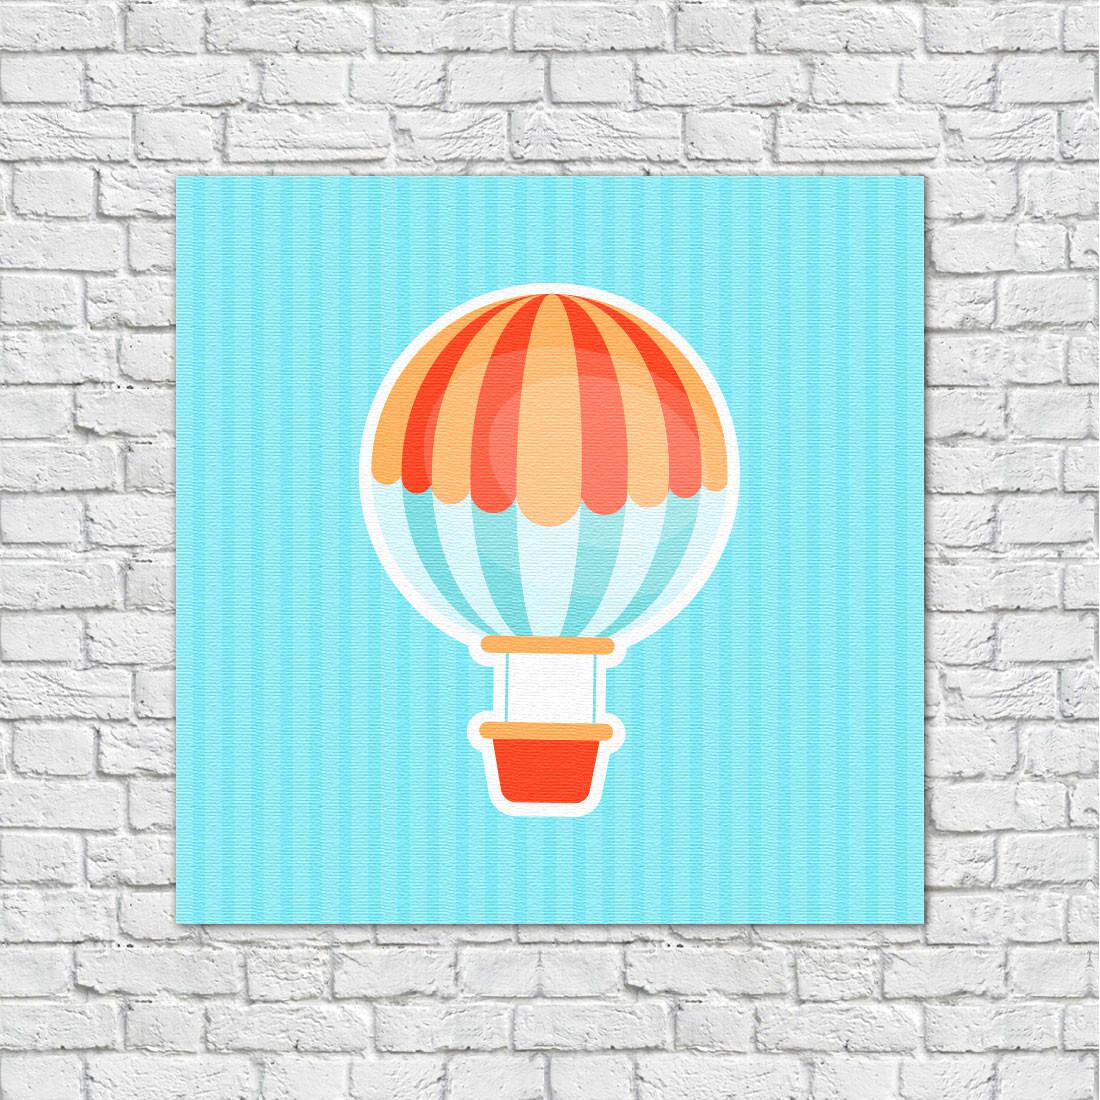 Adesivo Emagrecedor Funciona ~ Conjunto de Quadros Decorativos Infantis Bal u00e3o, Pipa e Arco u00ecris bemColar Adesivos De Parede